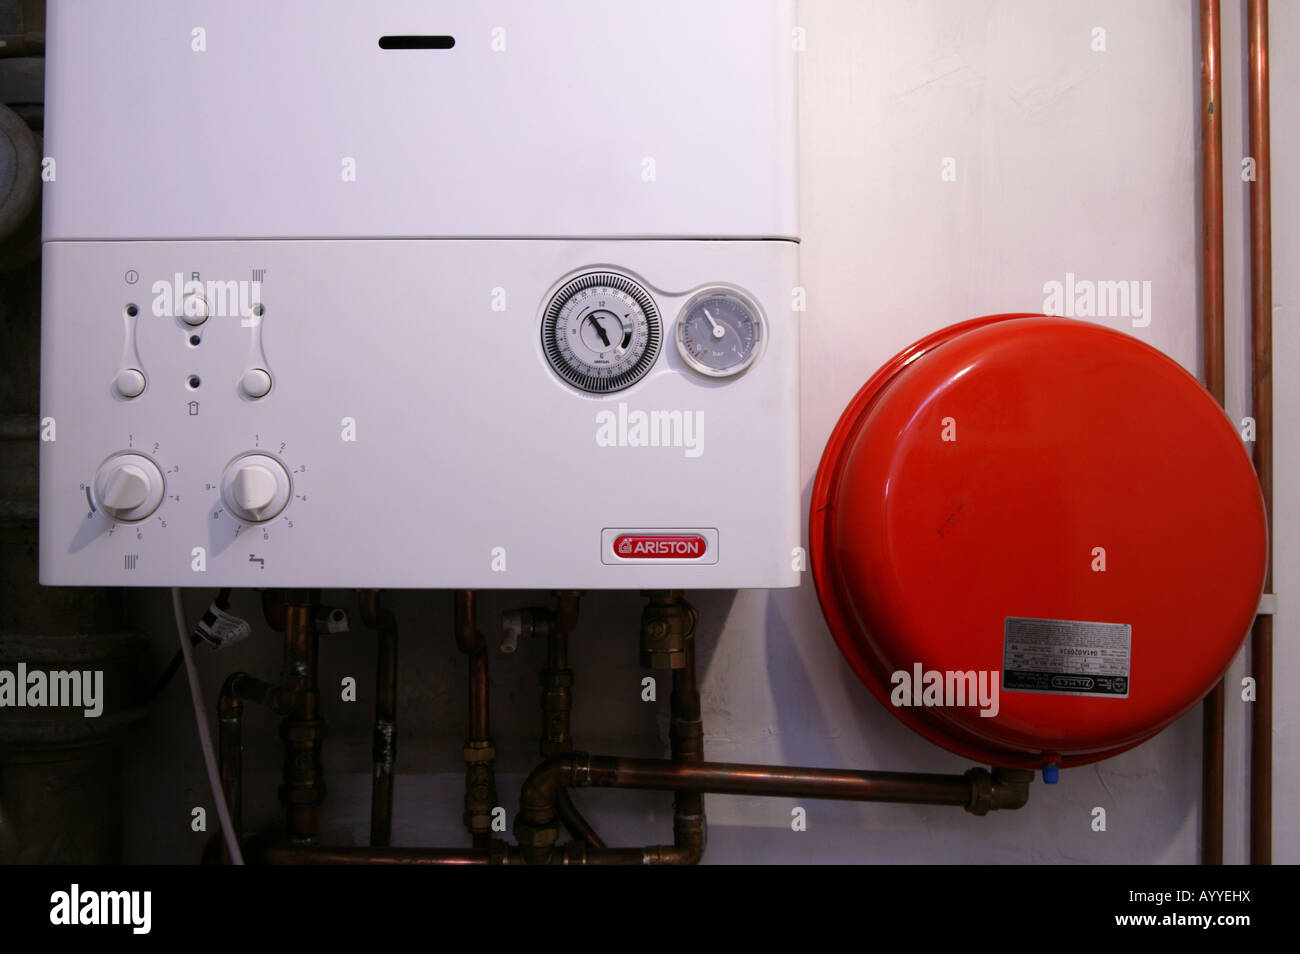 Combi Boiler Stock Photos Combi Boiler Stock Images Alamy